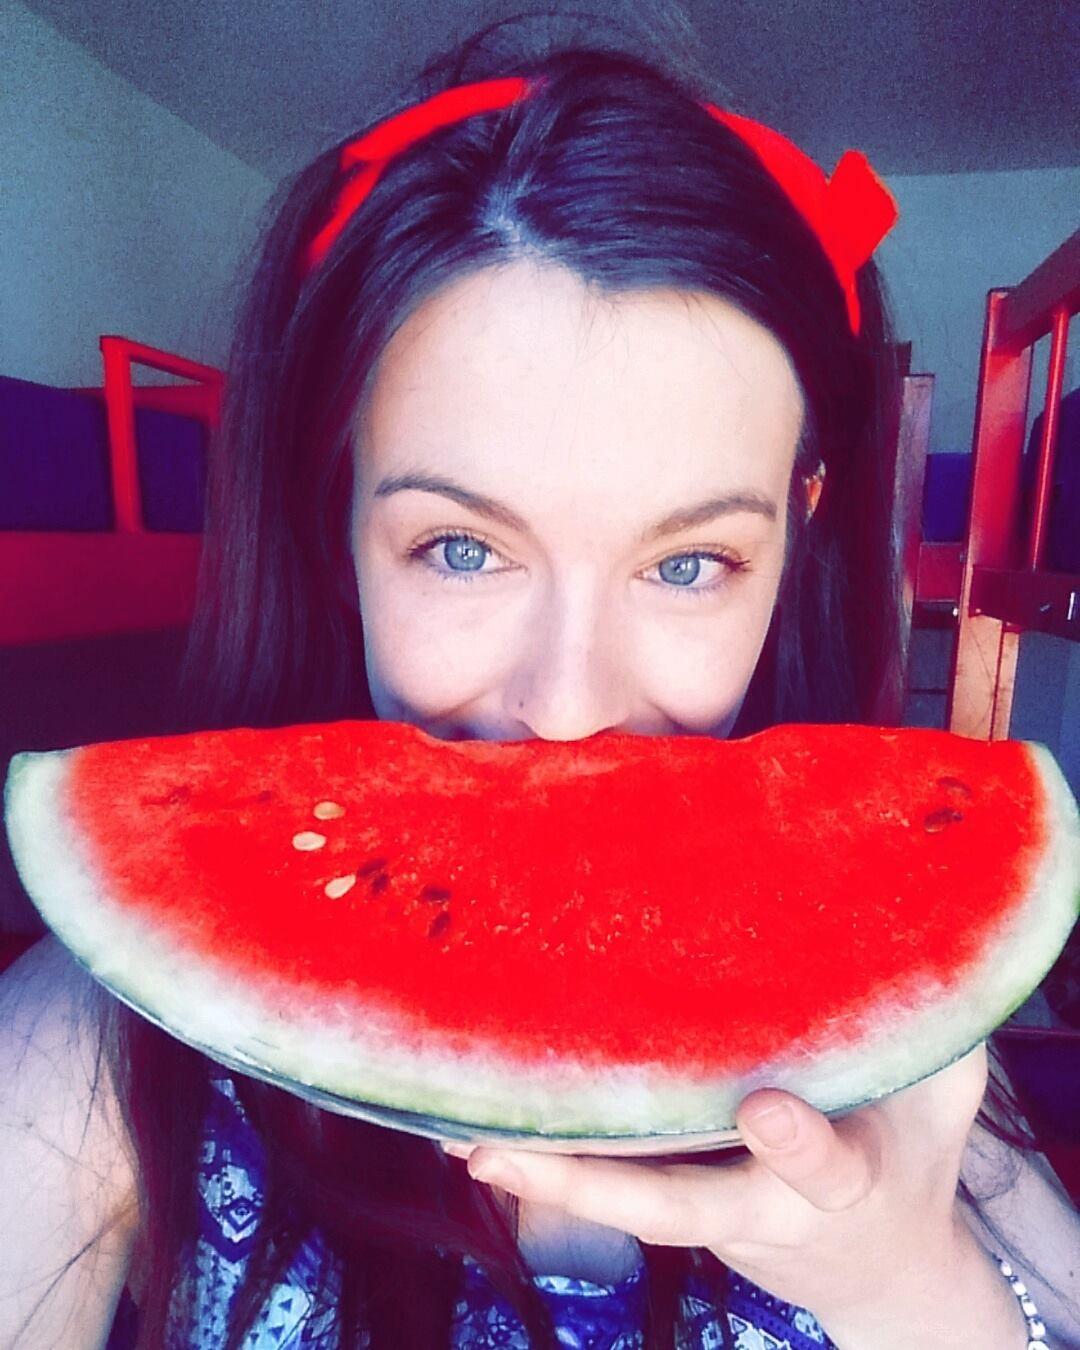 watermelon in brazil